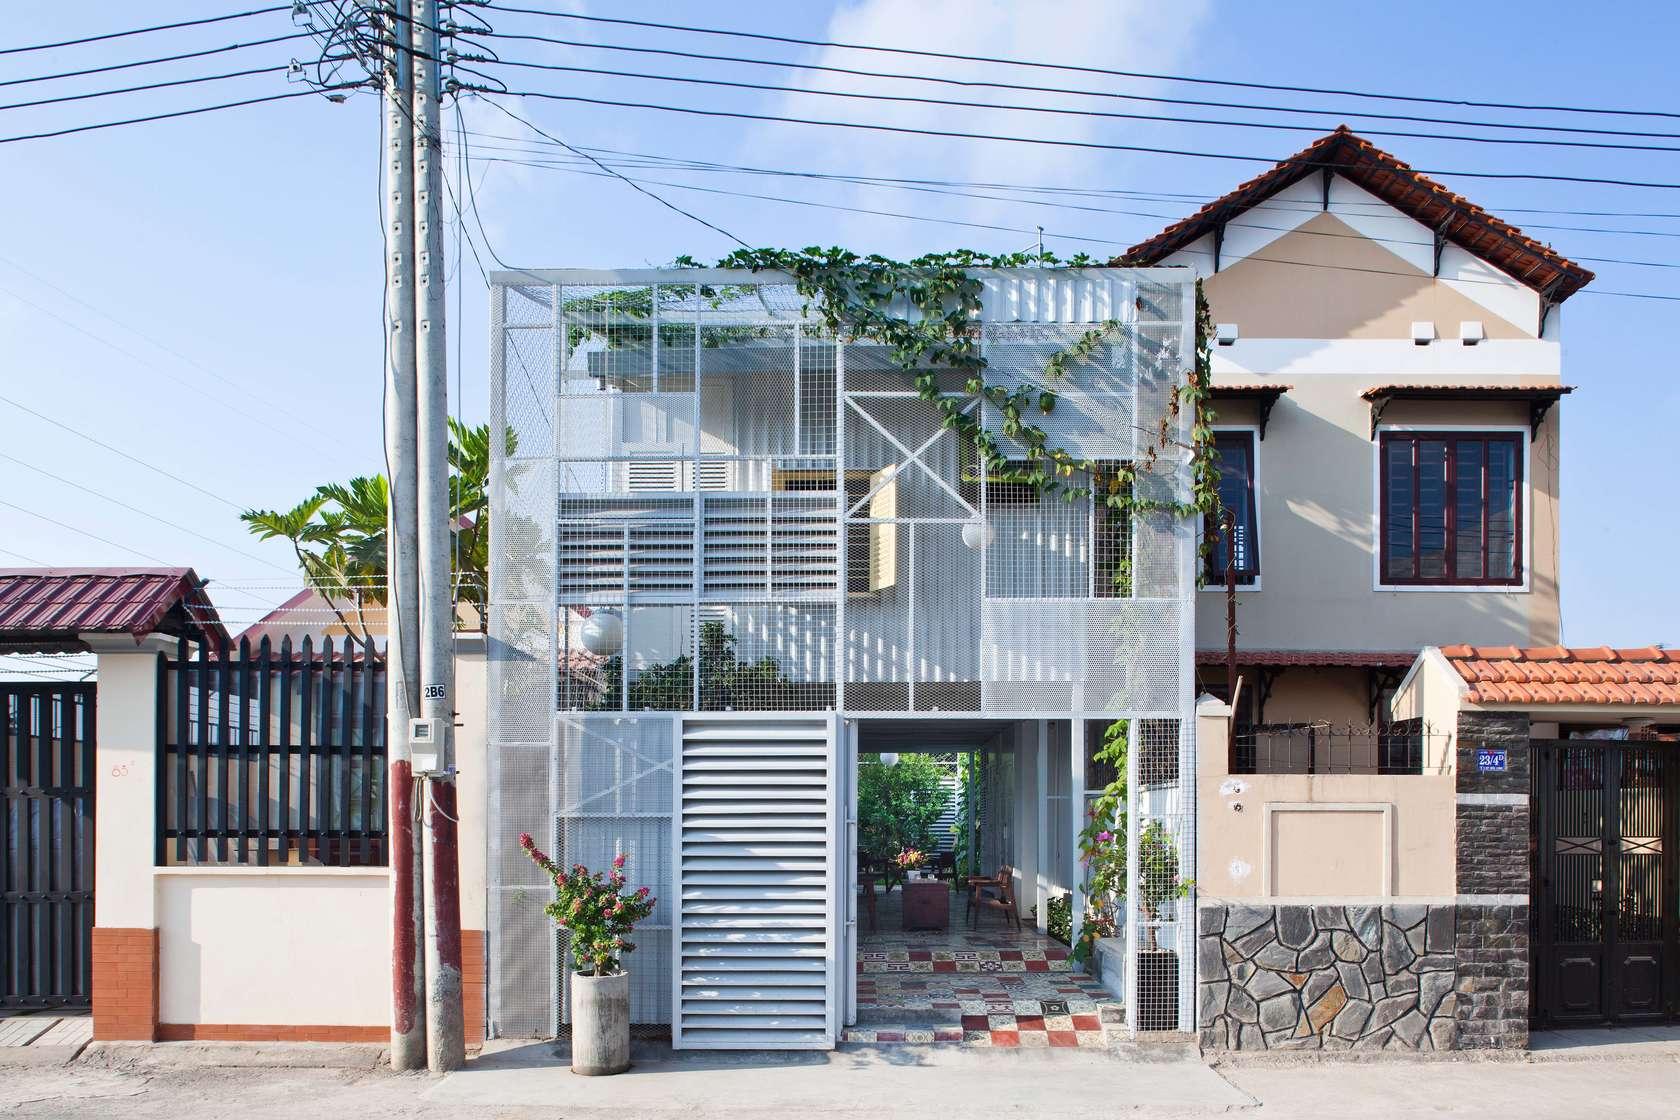 The Nest – căn nhà do Nguyễn Hòa Hiệp thiết kế ở Thuận An, Bình Dương